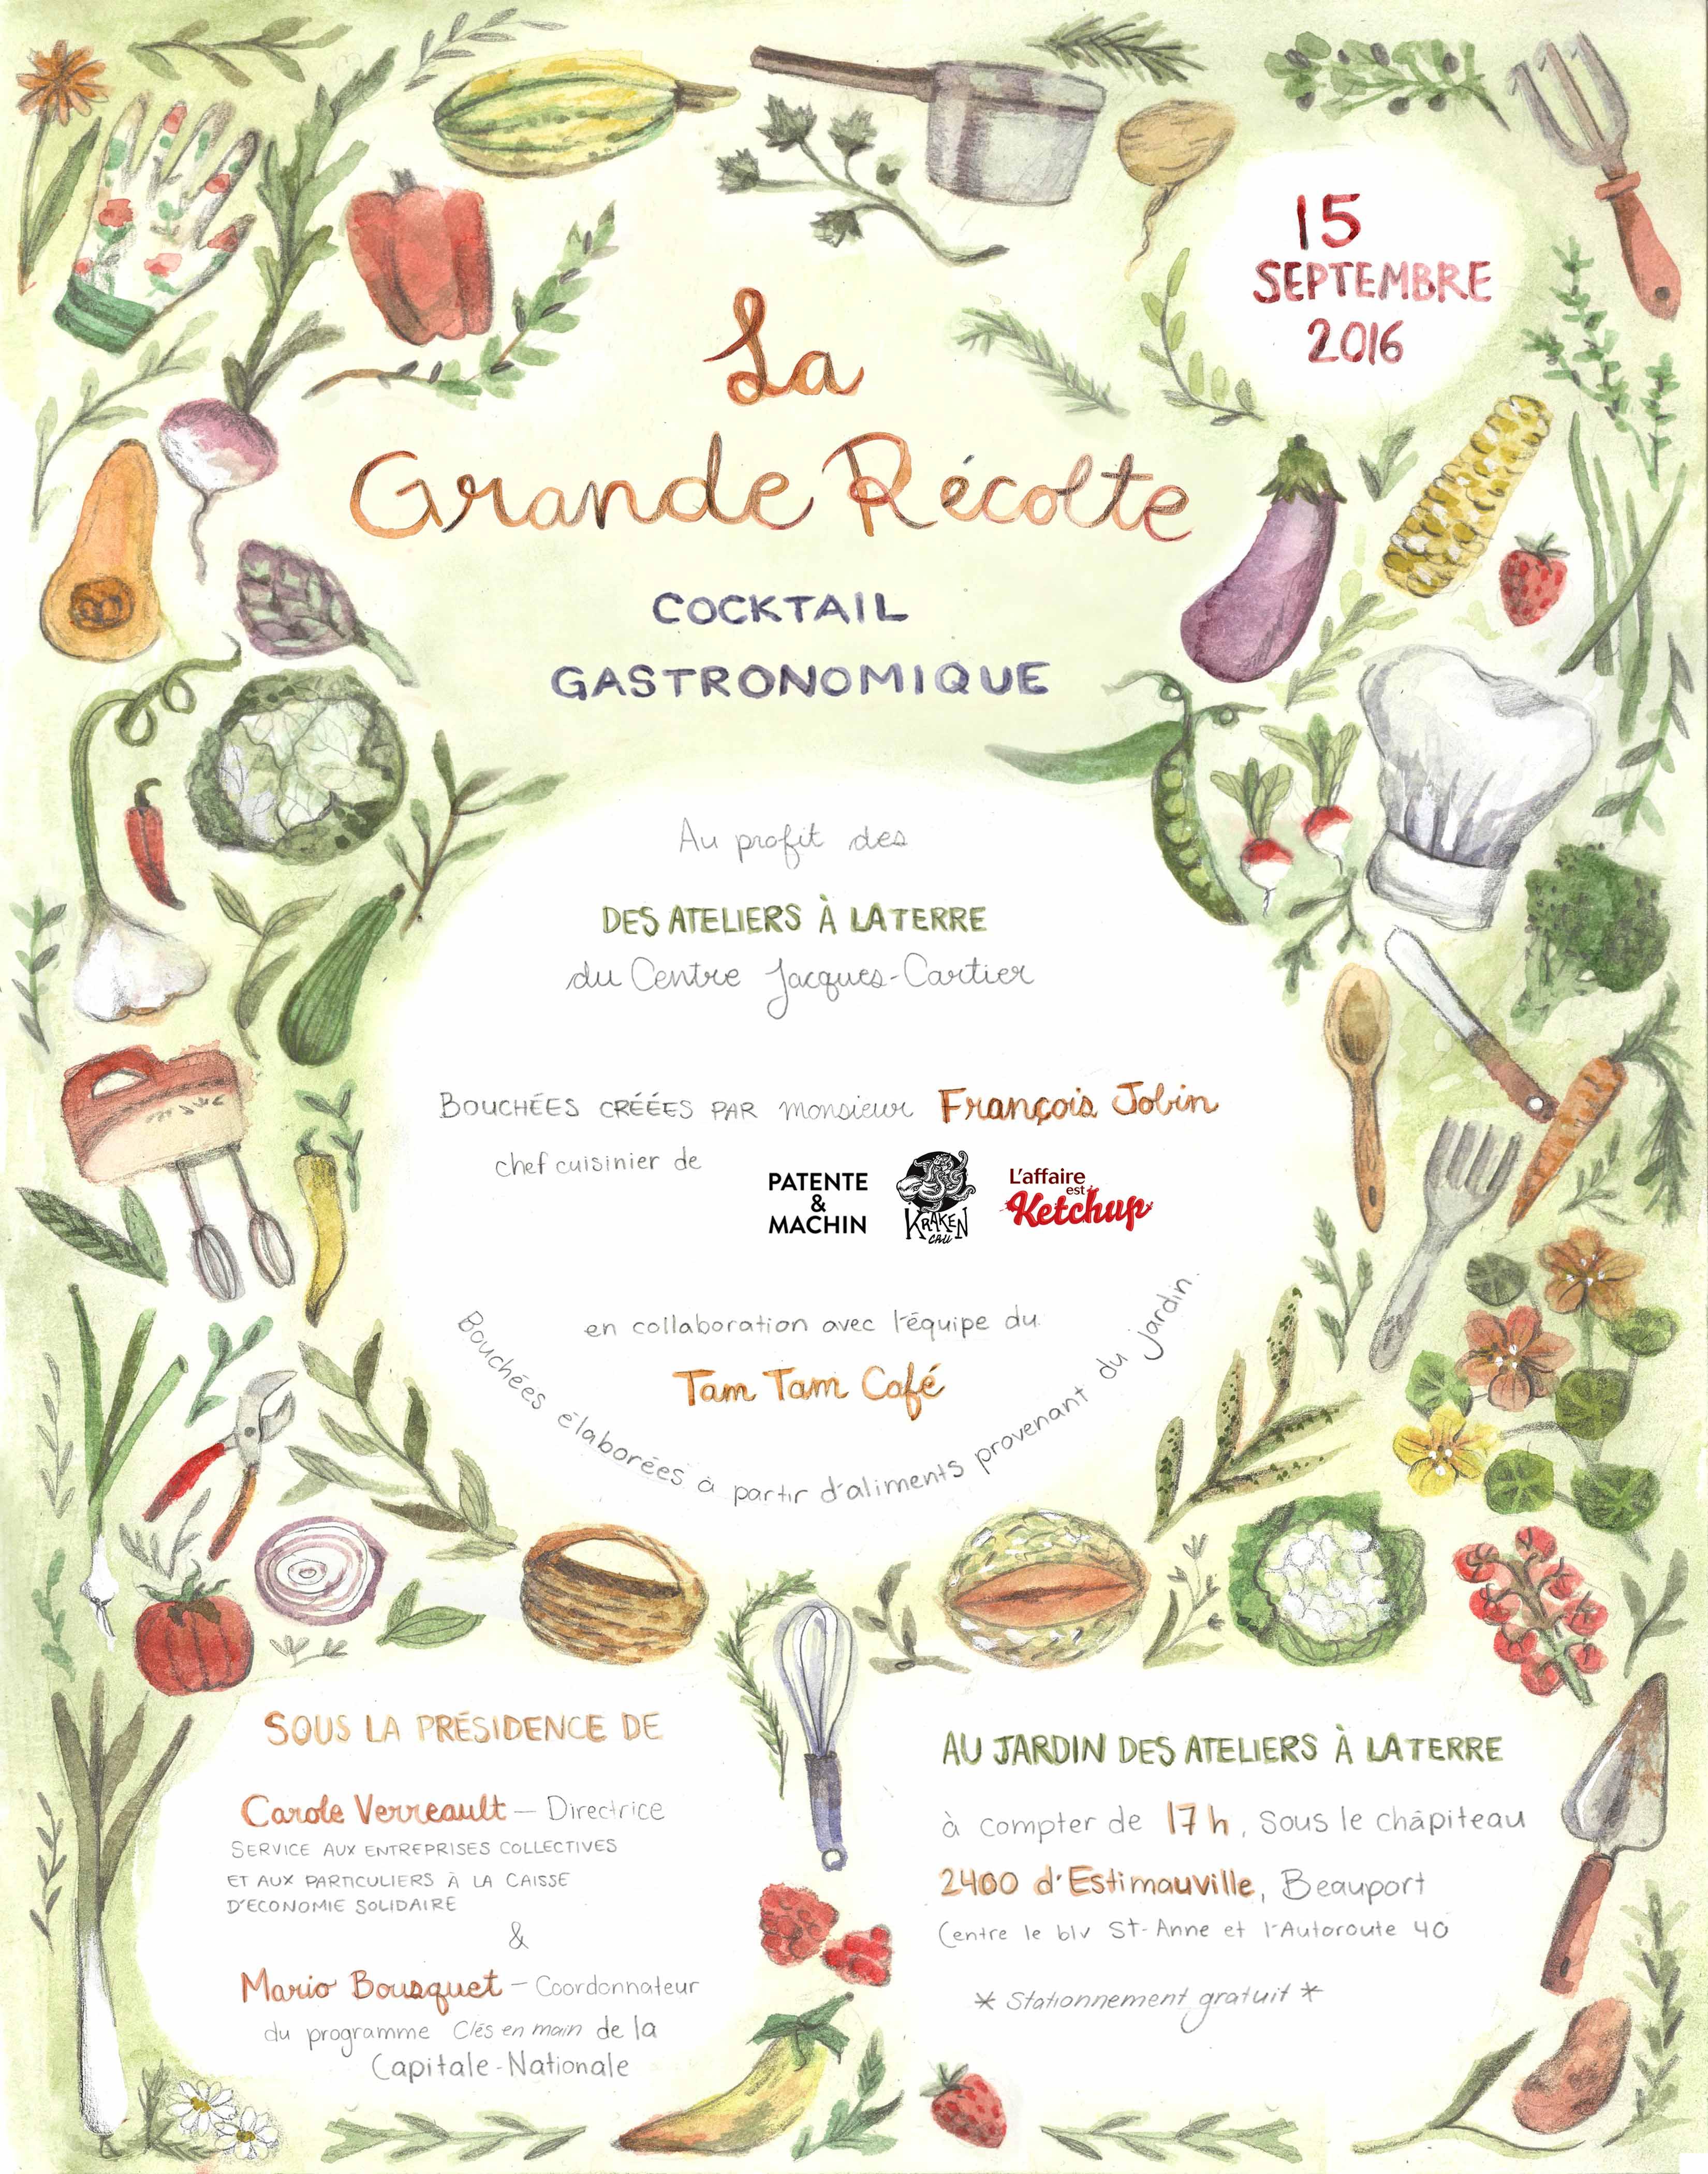 Affiche réalisée par l'illustratrice Mathilde Cinq-Mars. mathildecinqmars.com